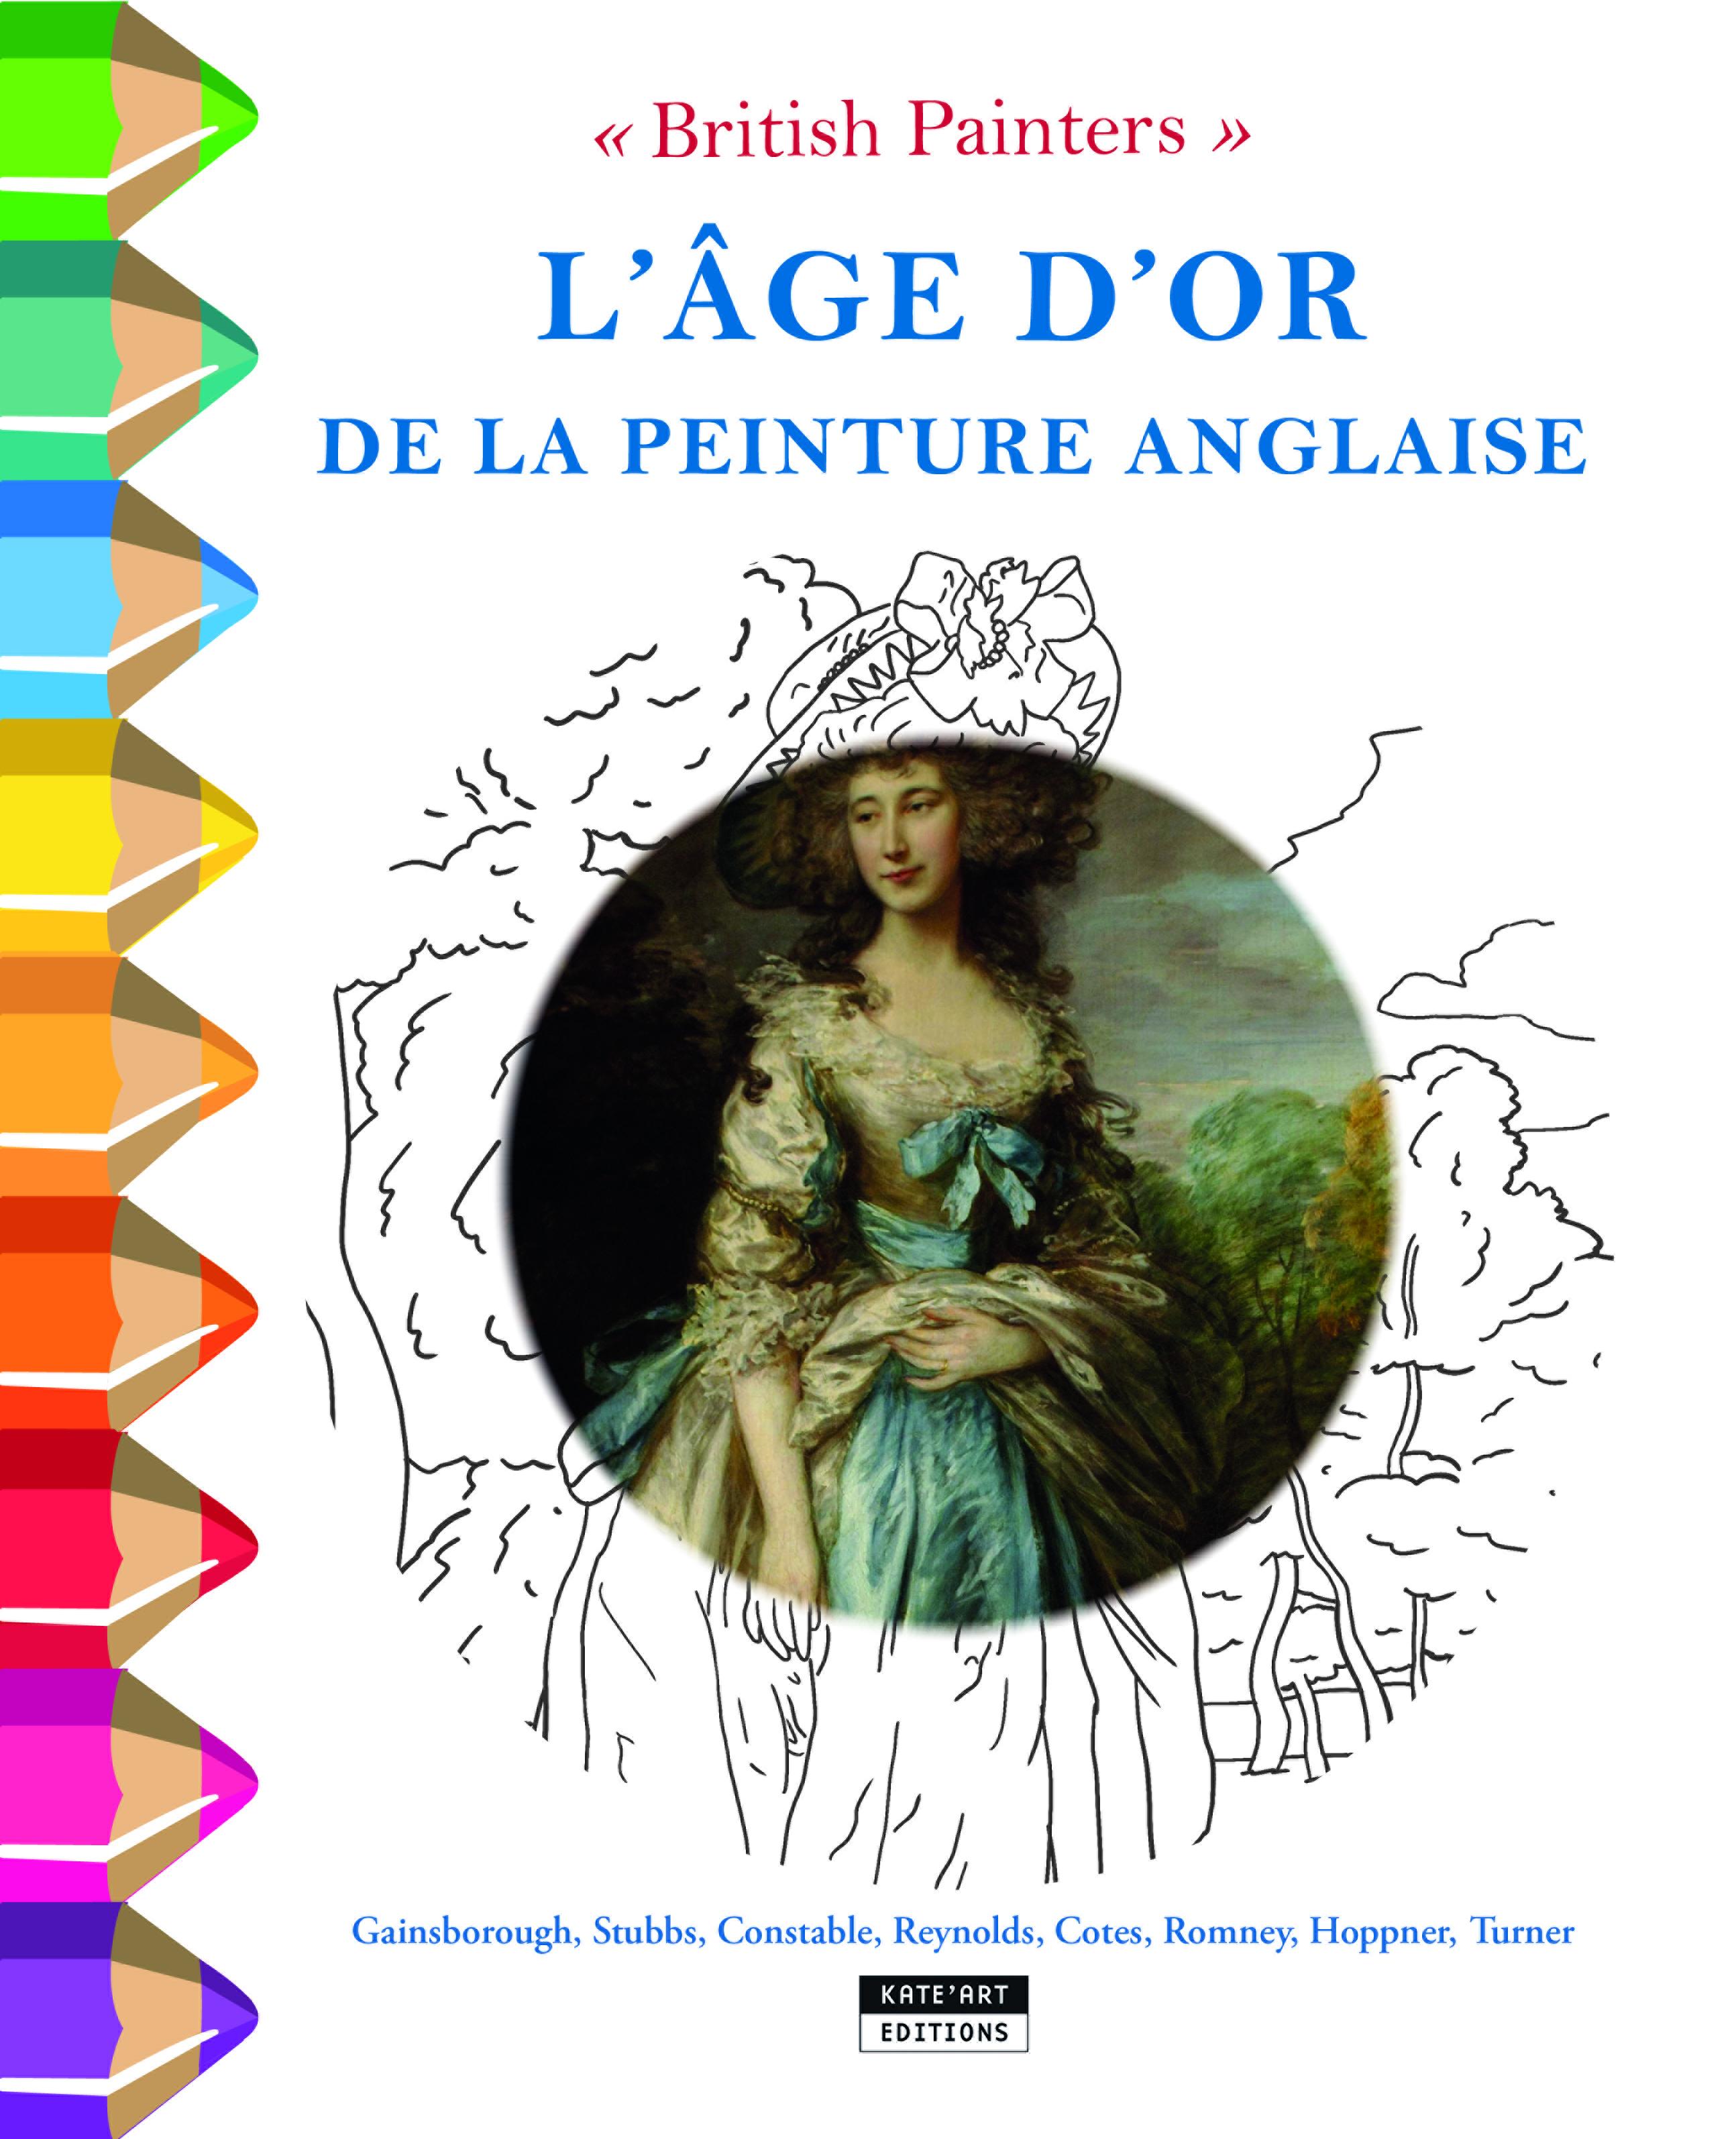 BRITISH PAINTERS : L'AGE D'OR DE LA PEINTURE ANGLAISE